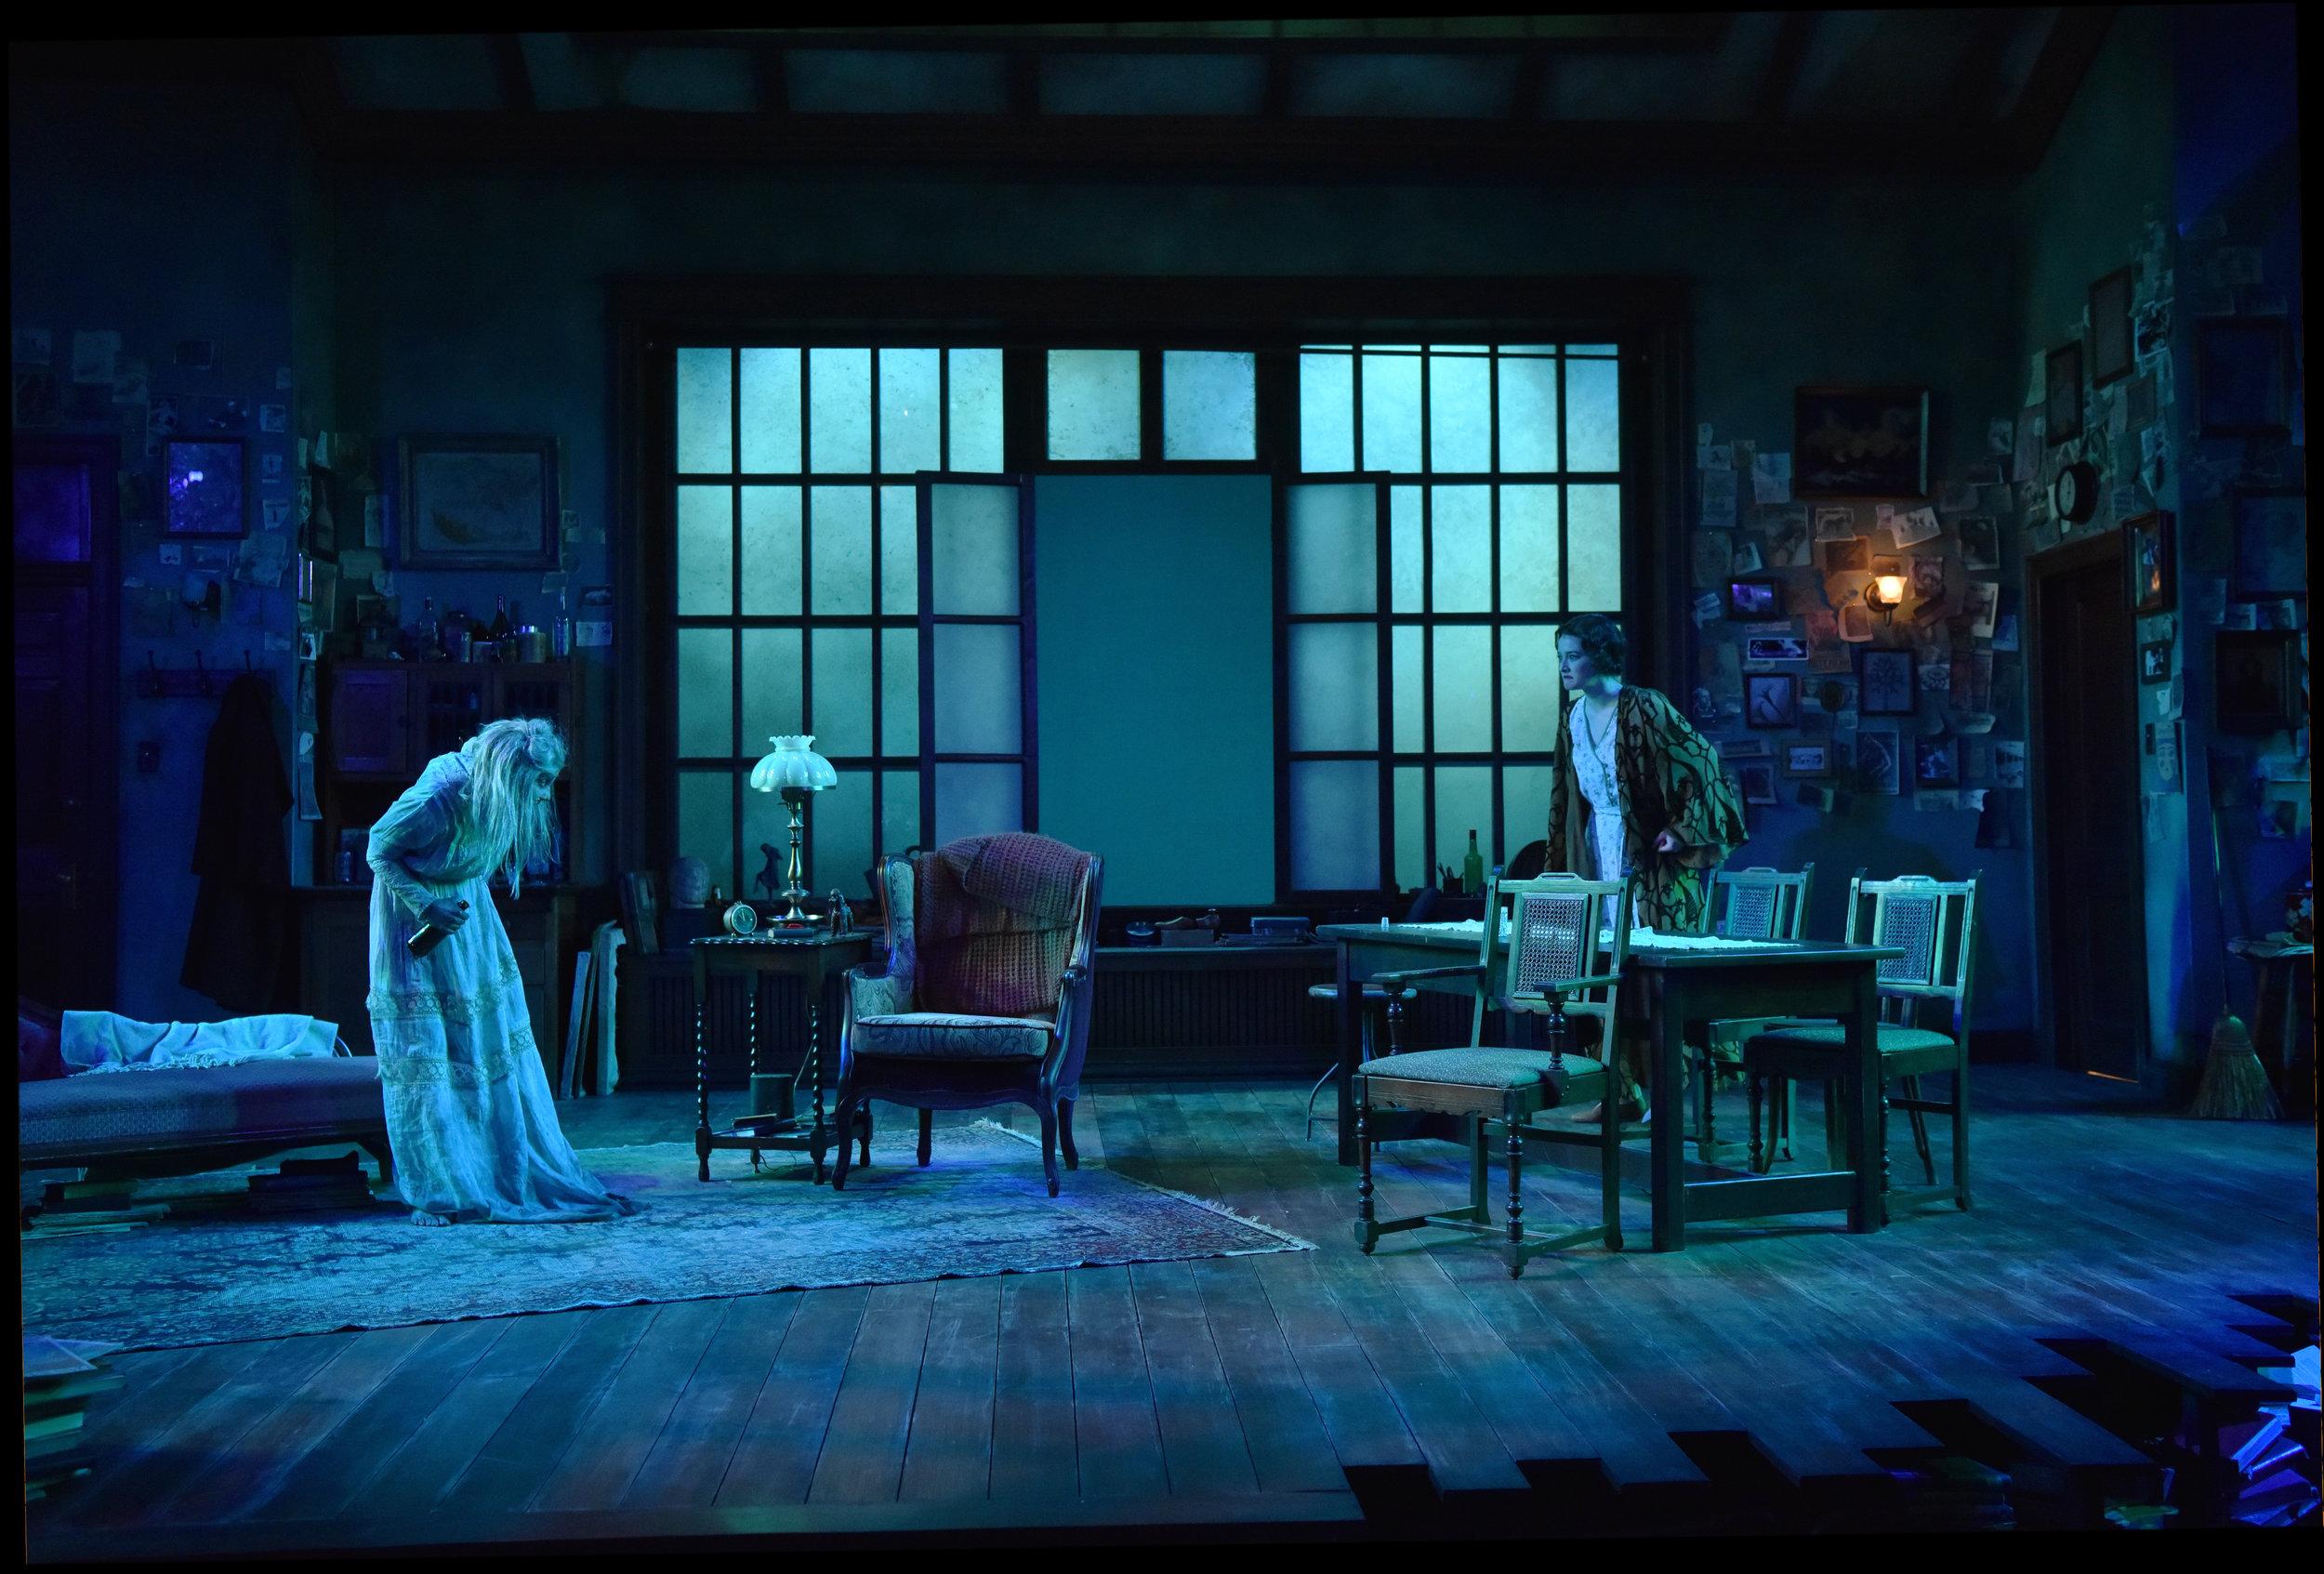 Bright Room Blue.jpg